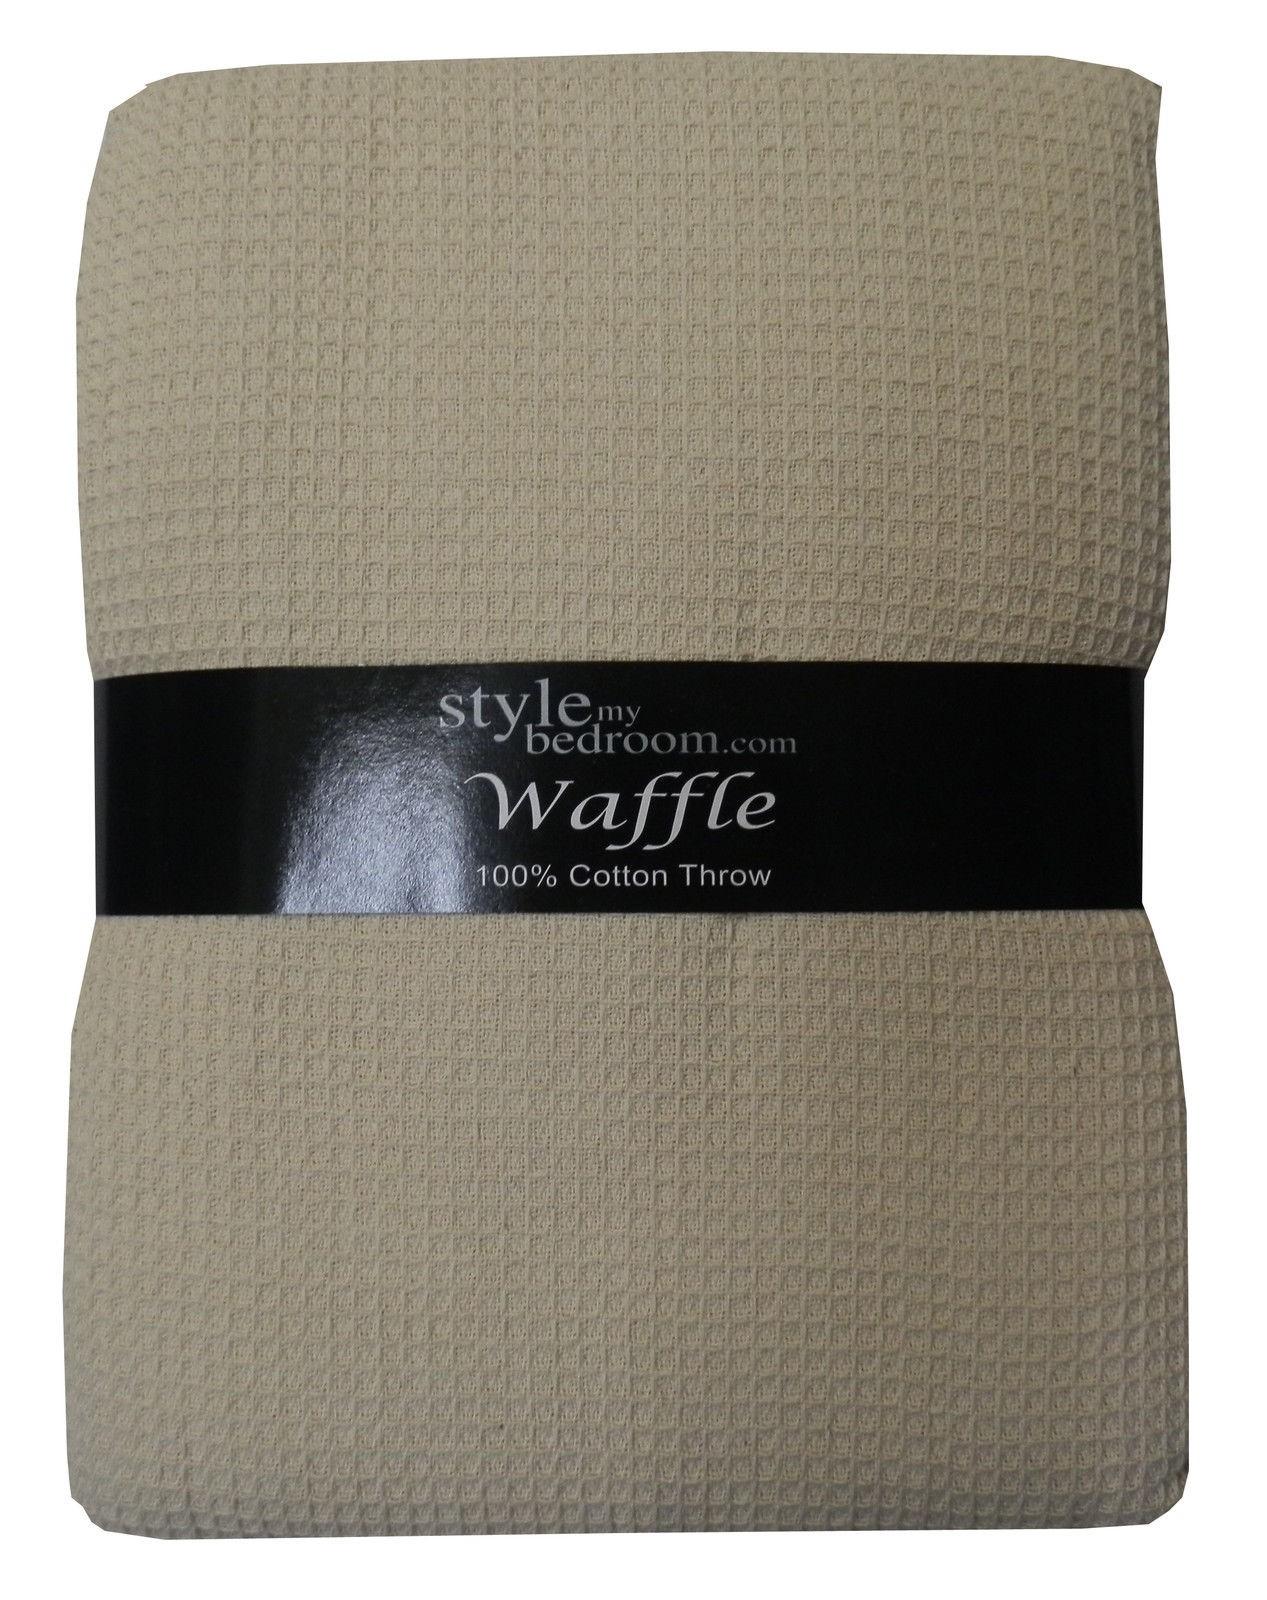 luxus gro 100 baumwolle sofa bett berwurf kissen separat erh ltlich ebay. Black Bedroom Furniture Sets. Home Design Ideas